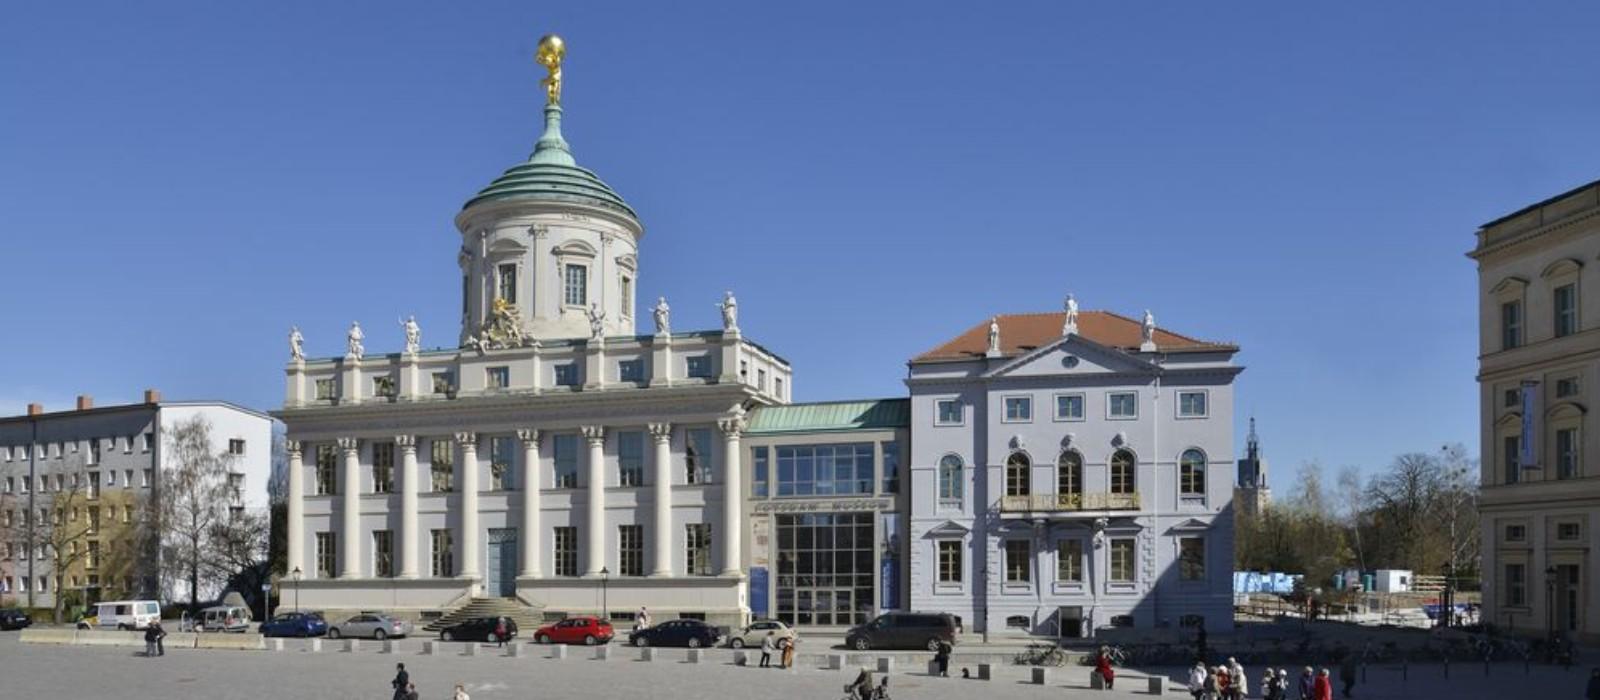 Außenansicht des Potsdam Museum - Forum für Kunst und Geschichte